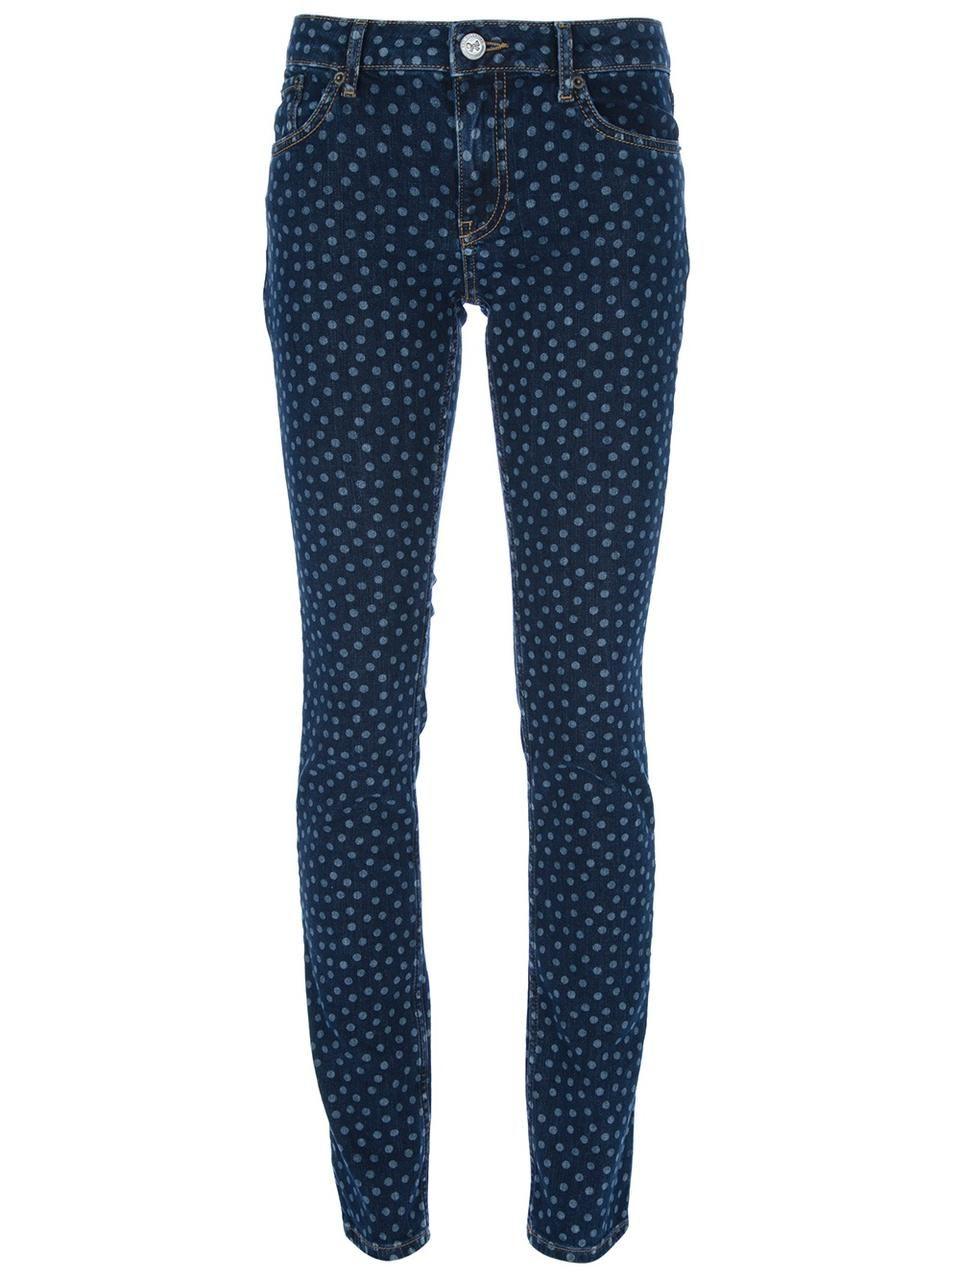 Red valentino polka dot jeans f4v j34n pinterest polka dot red valentino polka dot jeans sisterspd